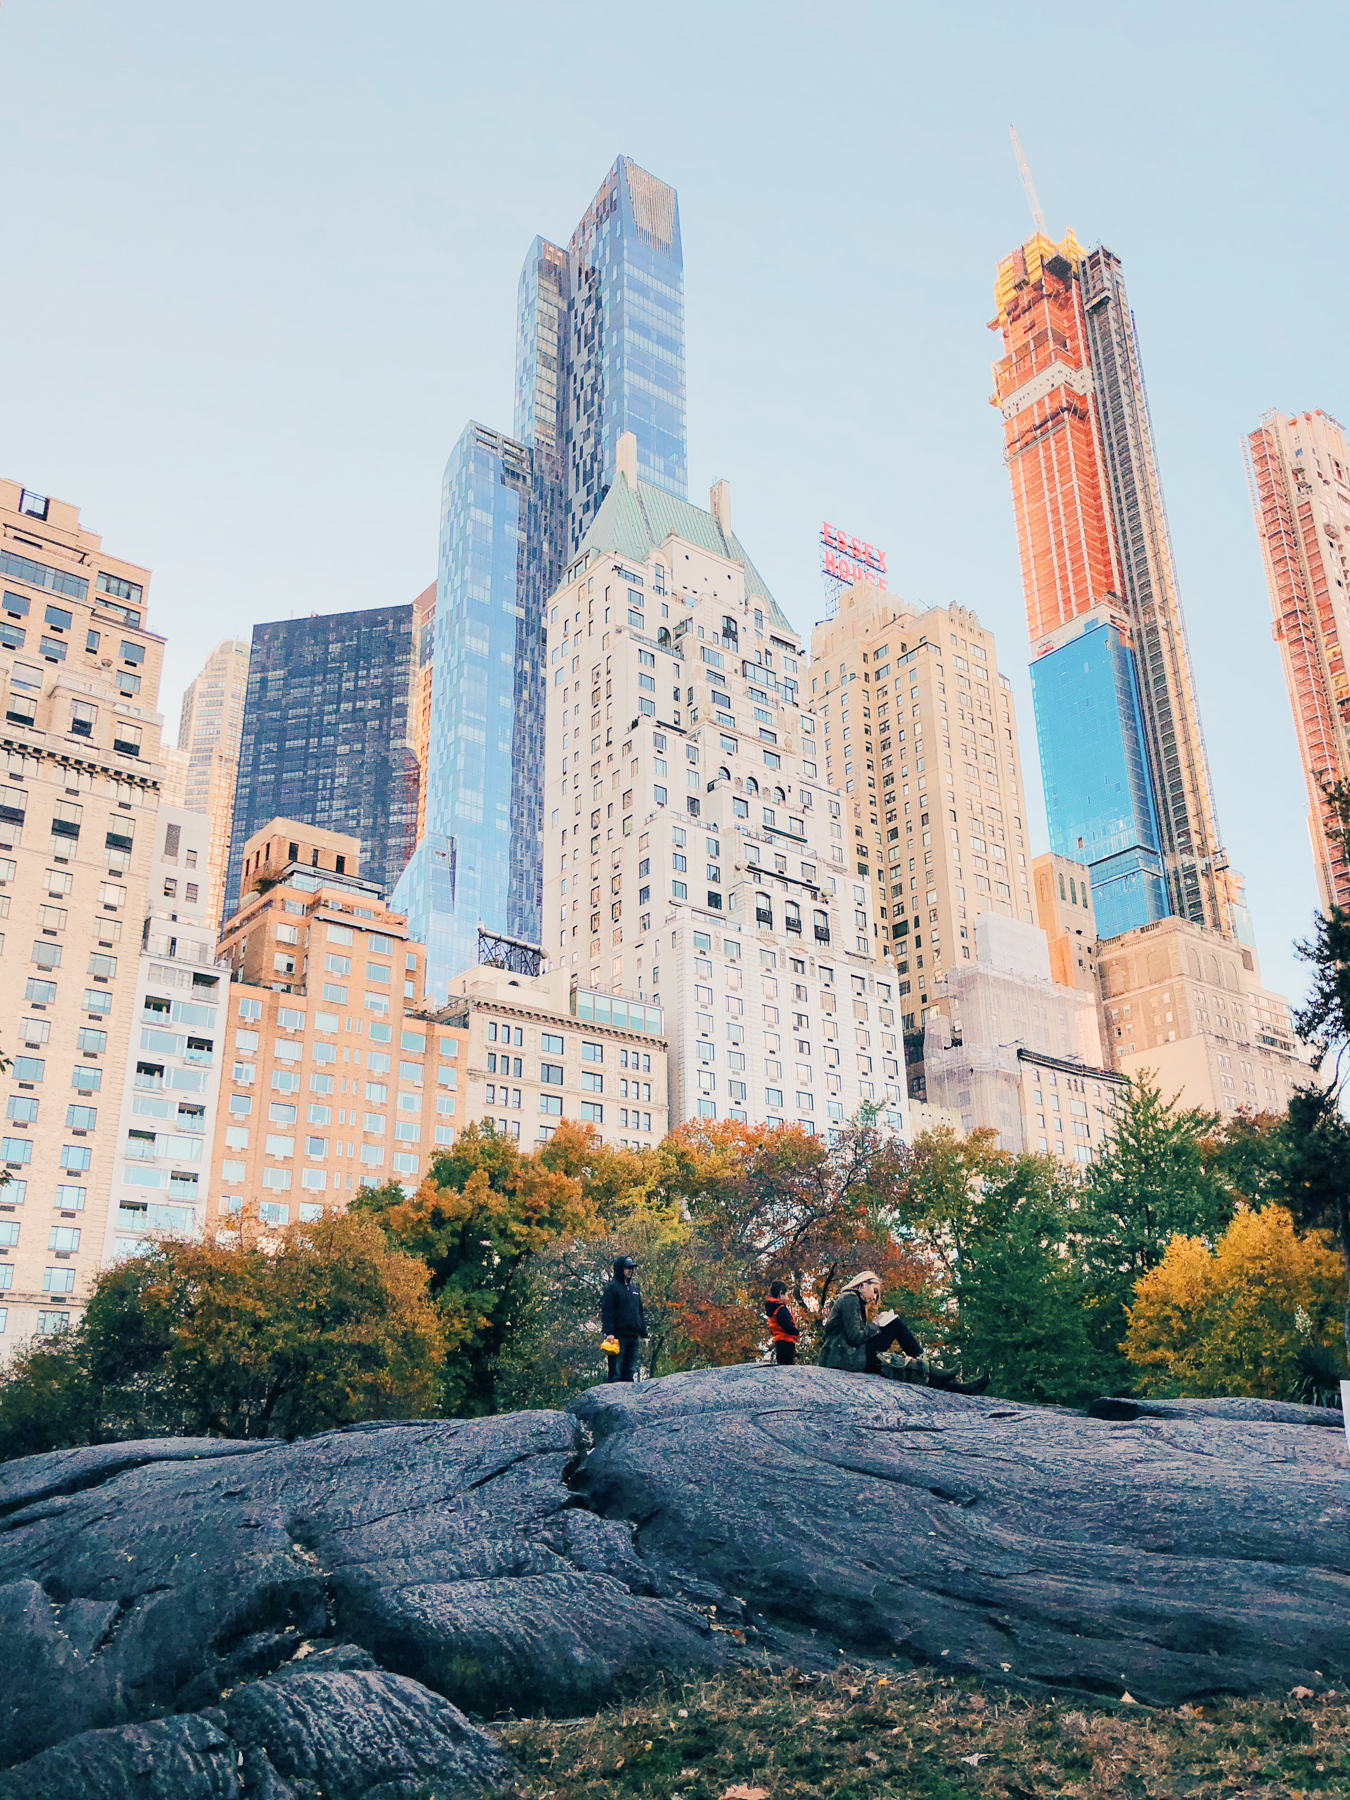 Central Park, near Cop Cot